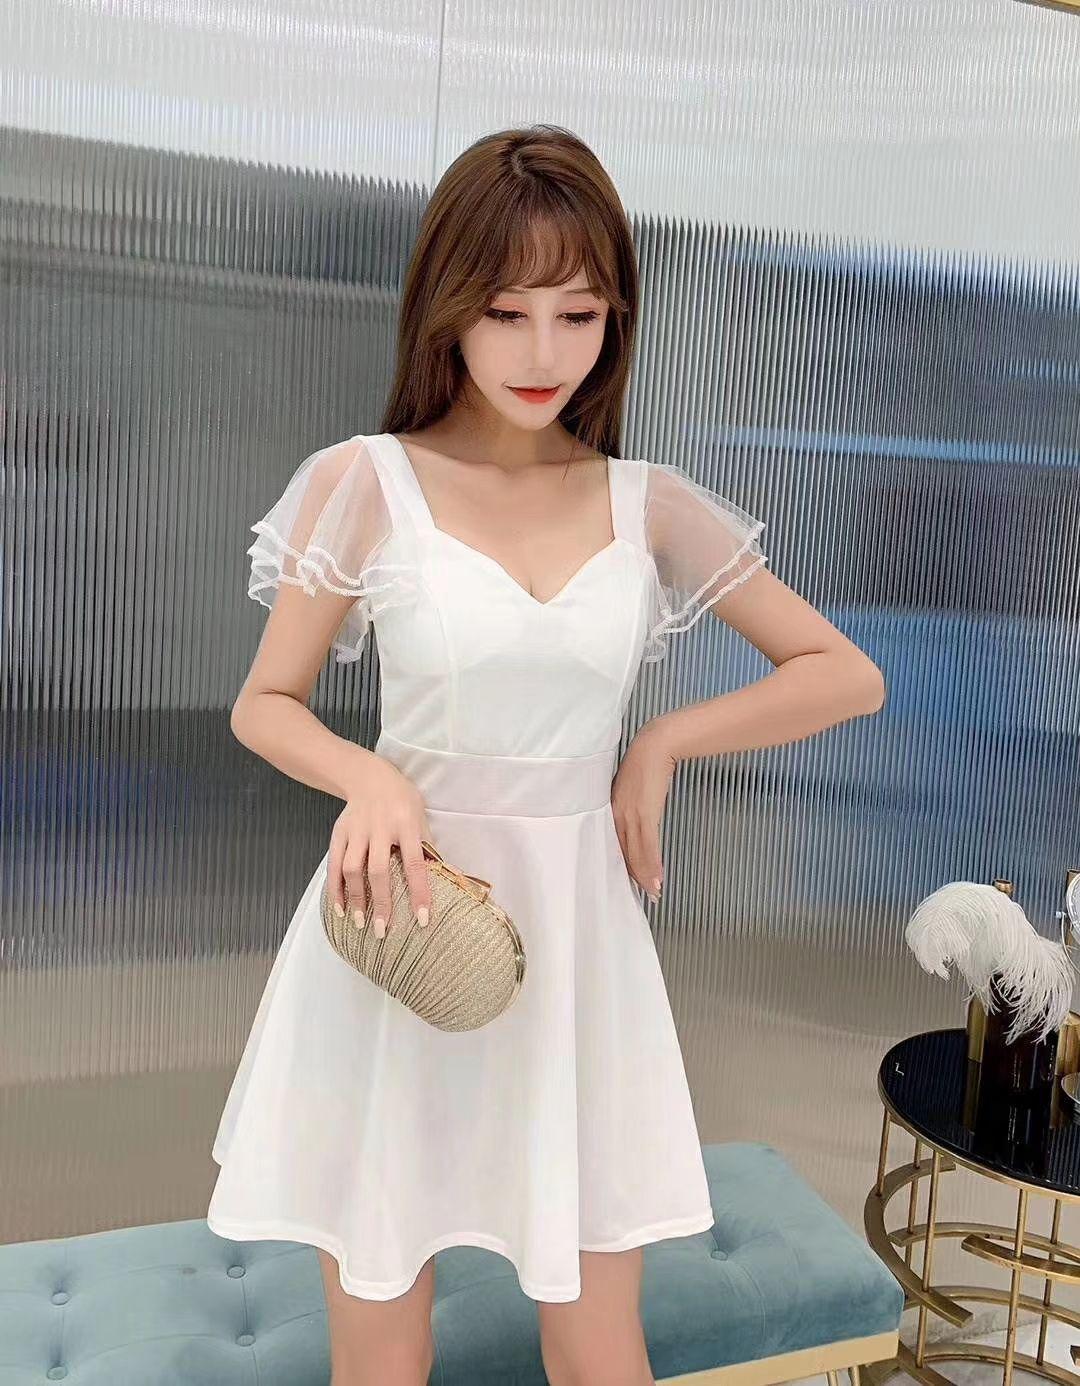 Женская одежда для ночного шоу, рабочая одежда, Новинка лета 2021, тонкое Привлекательное платье с заниженной талией и V-образным вырезом на жи...